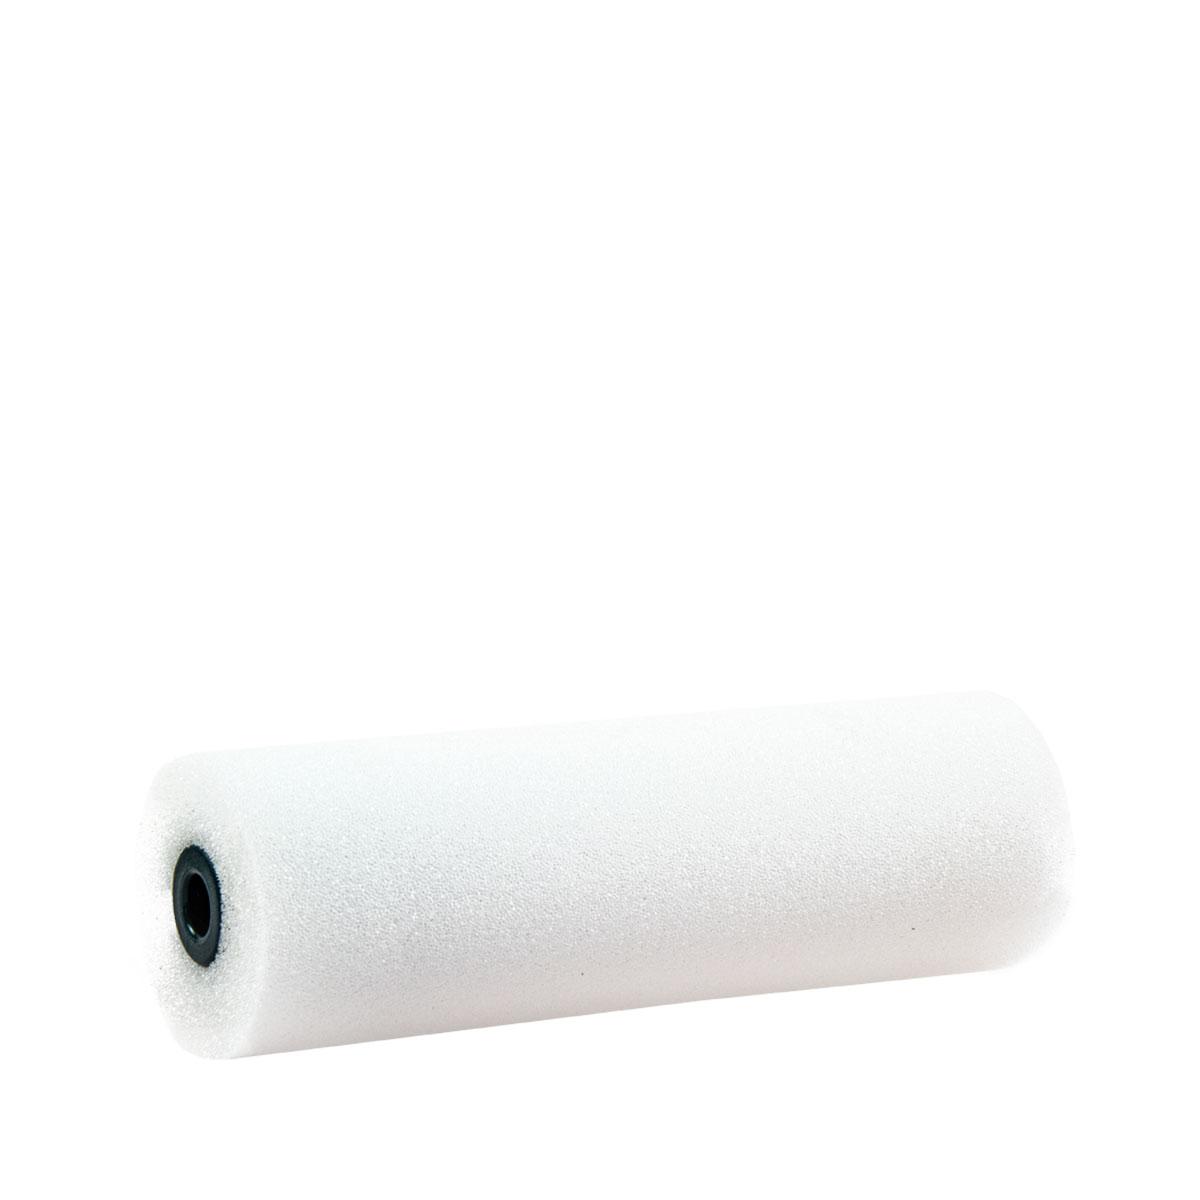 Rotaplast Schaumstoff Superfein Heizkörperwalze, 11 cm, 50400, gerade